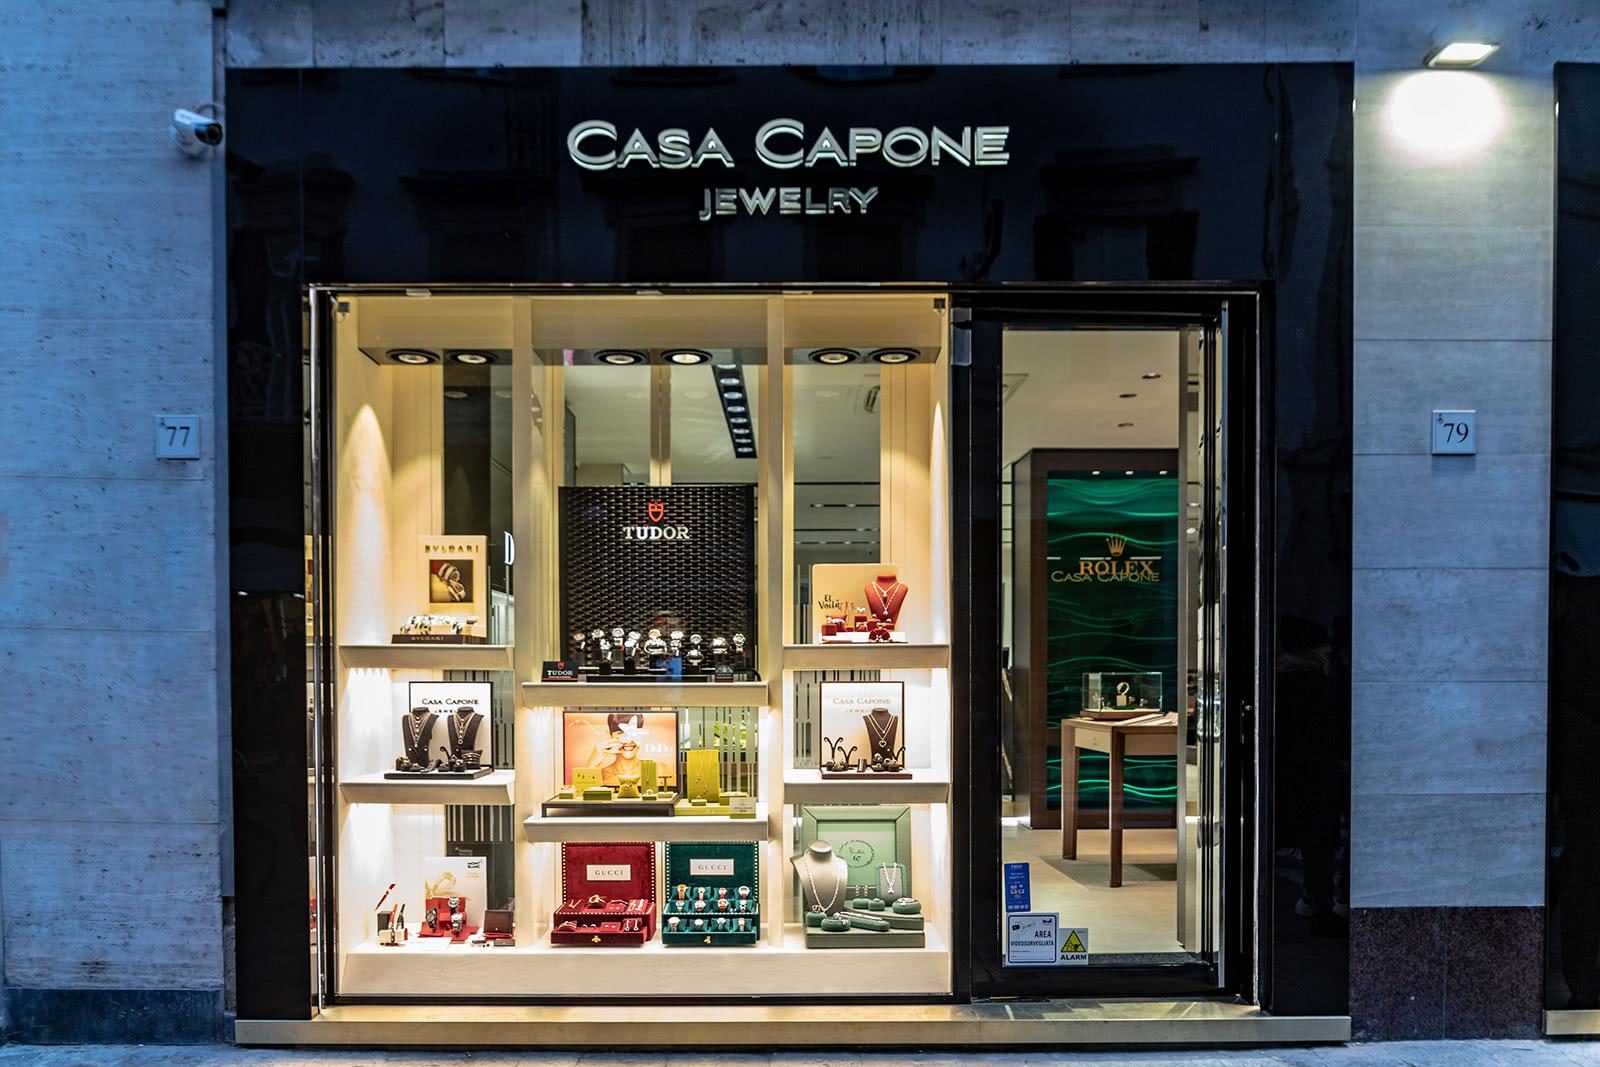 Casa Capone Jewelry - Livorno